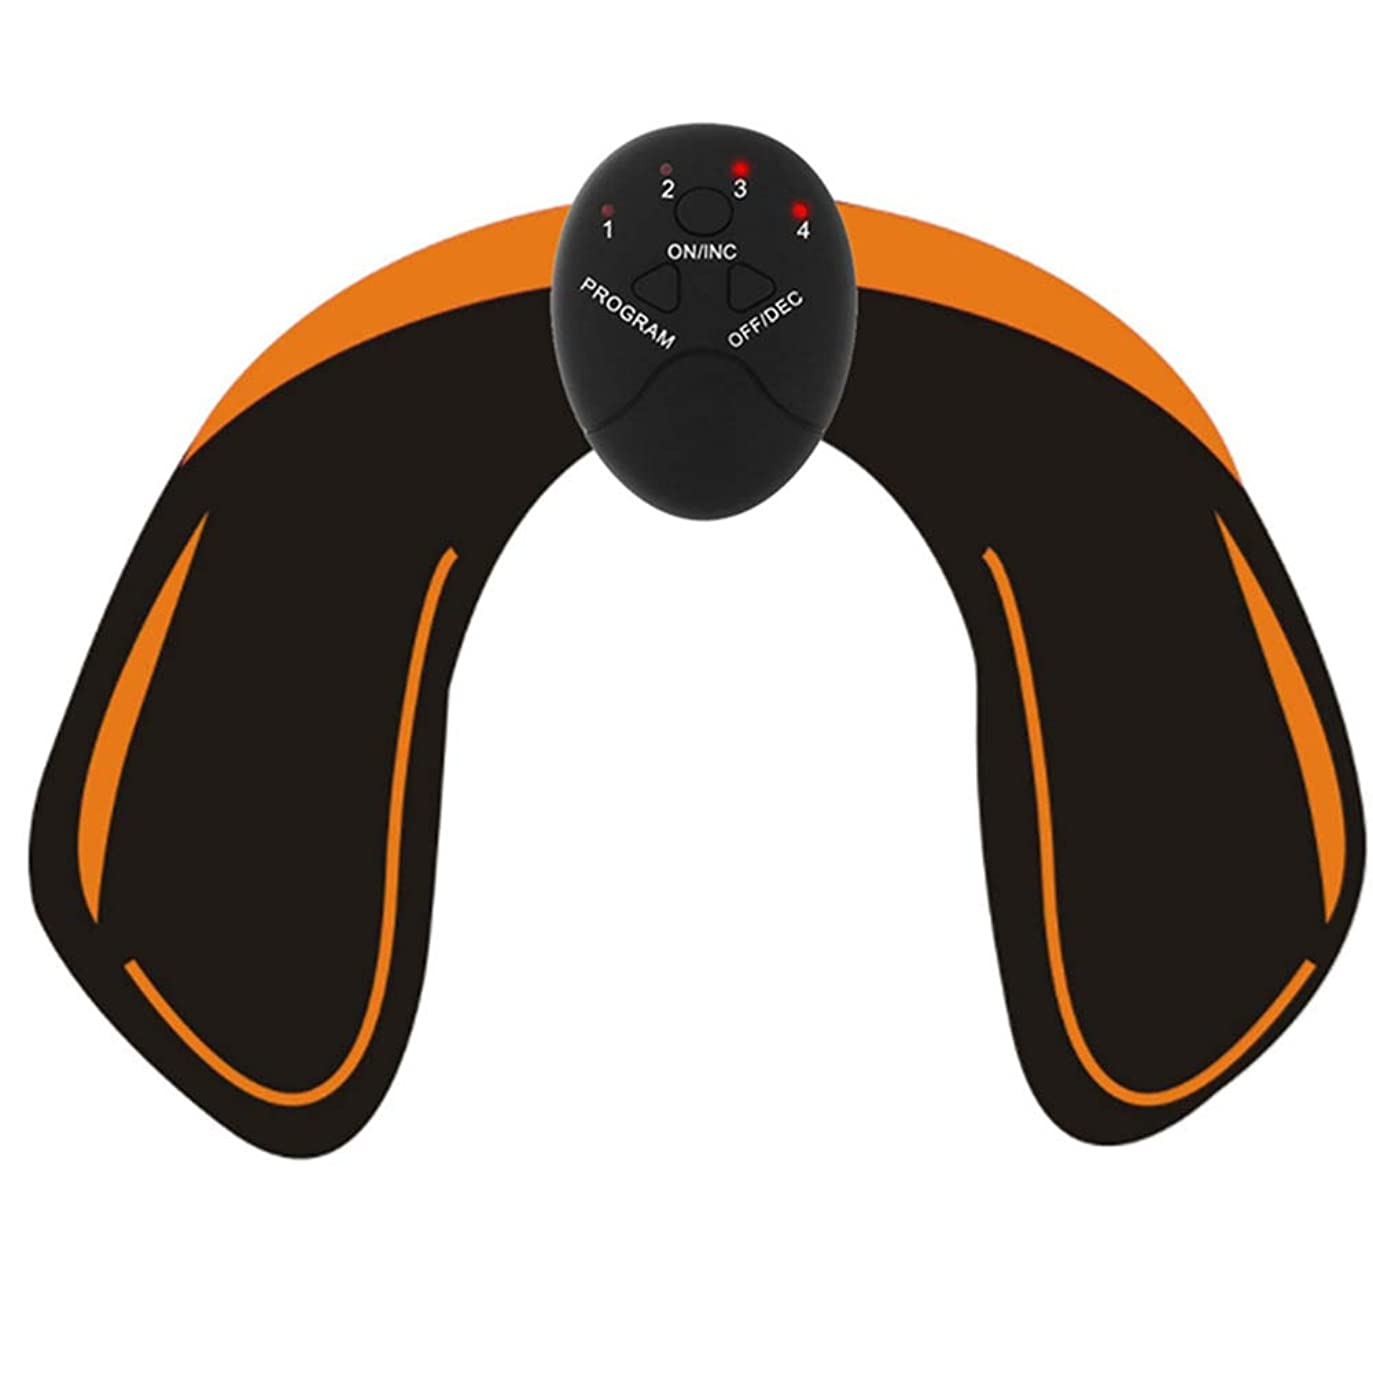 異議塊高度EMSヒップトレーナーマッスルスティミュレーターABSフィットネス尻尻尻を持ち上げるトナートレーナースリミングマッサージャーユニセックス